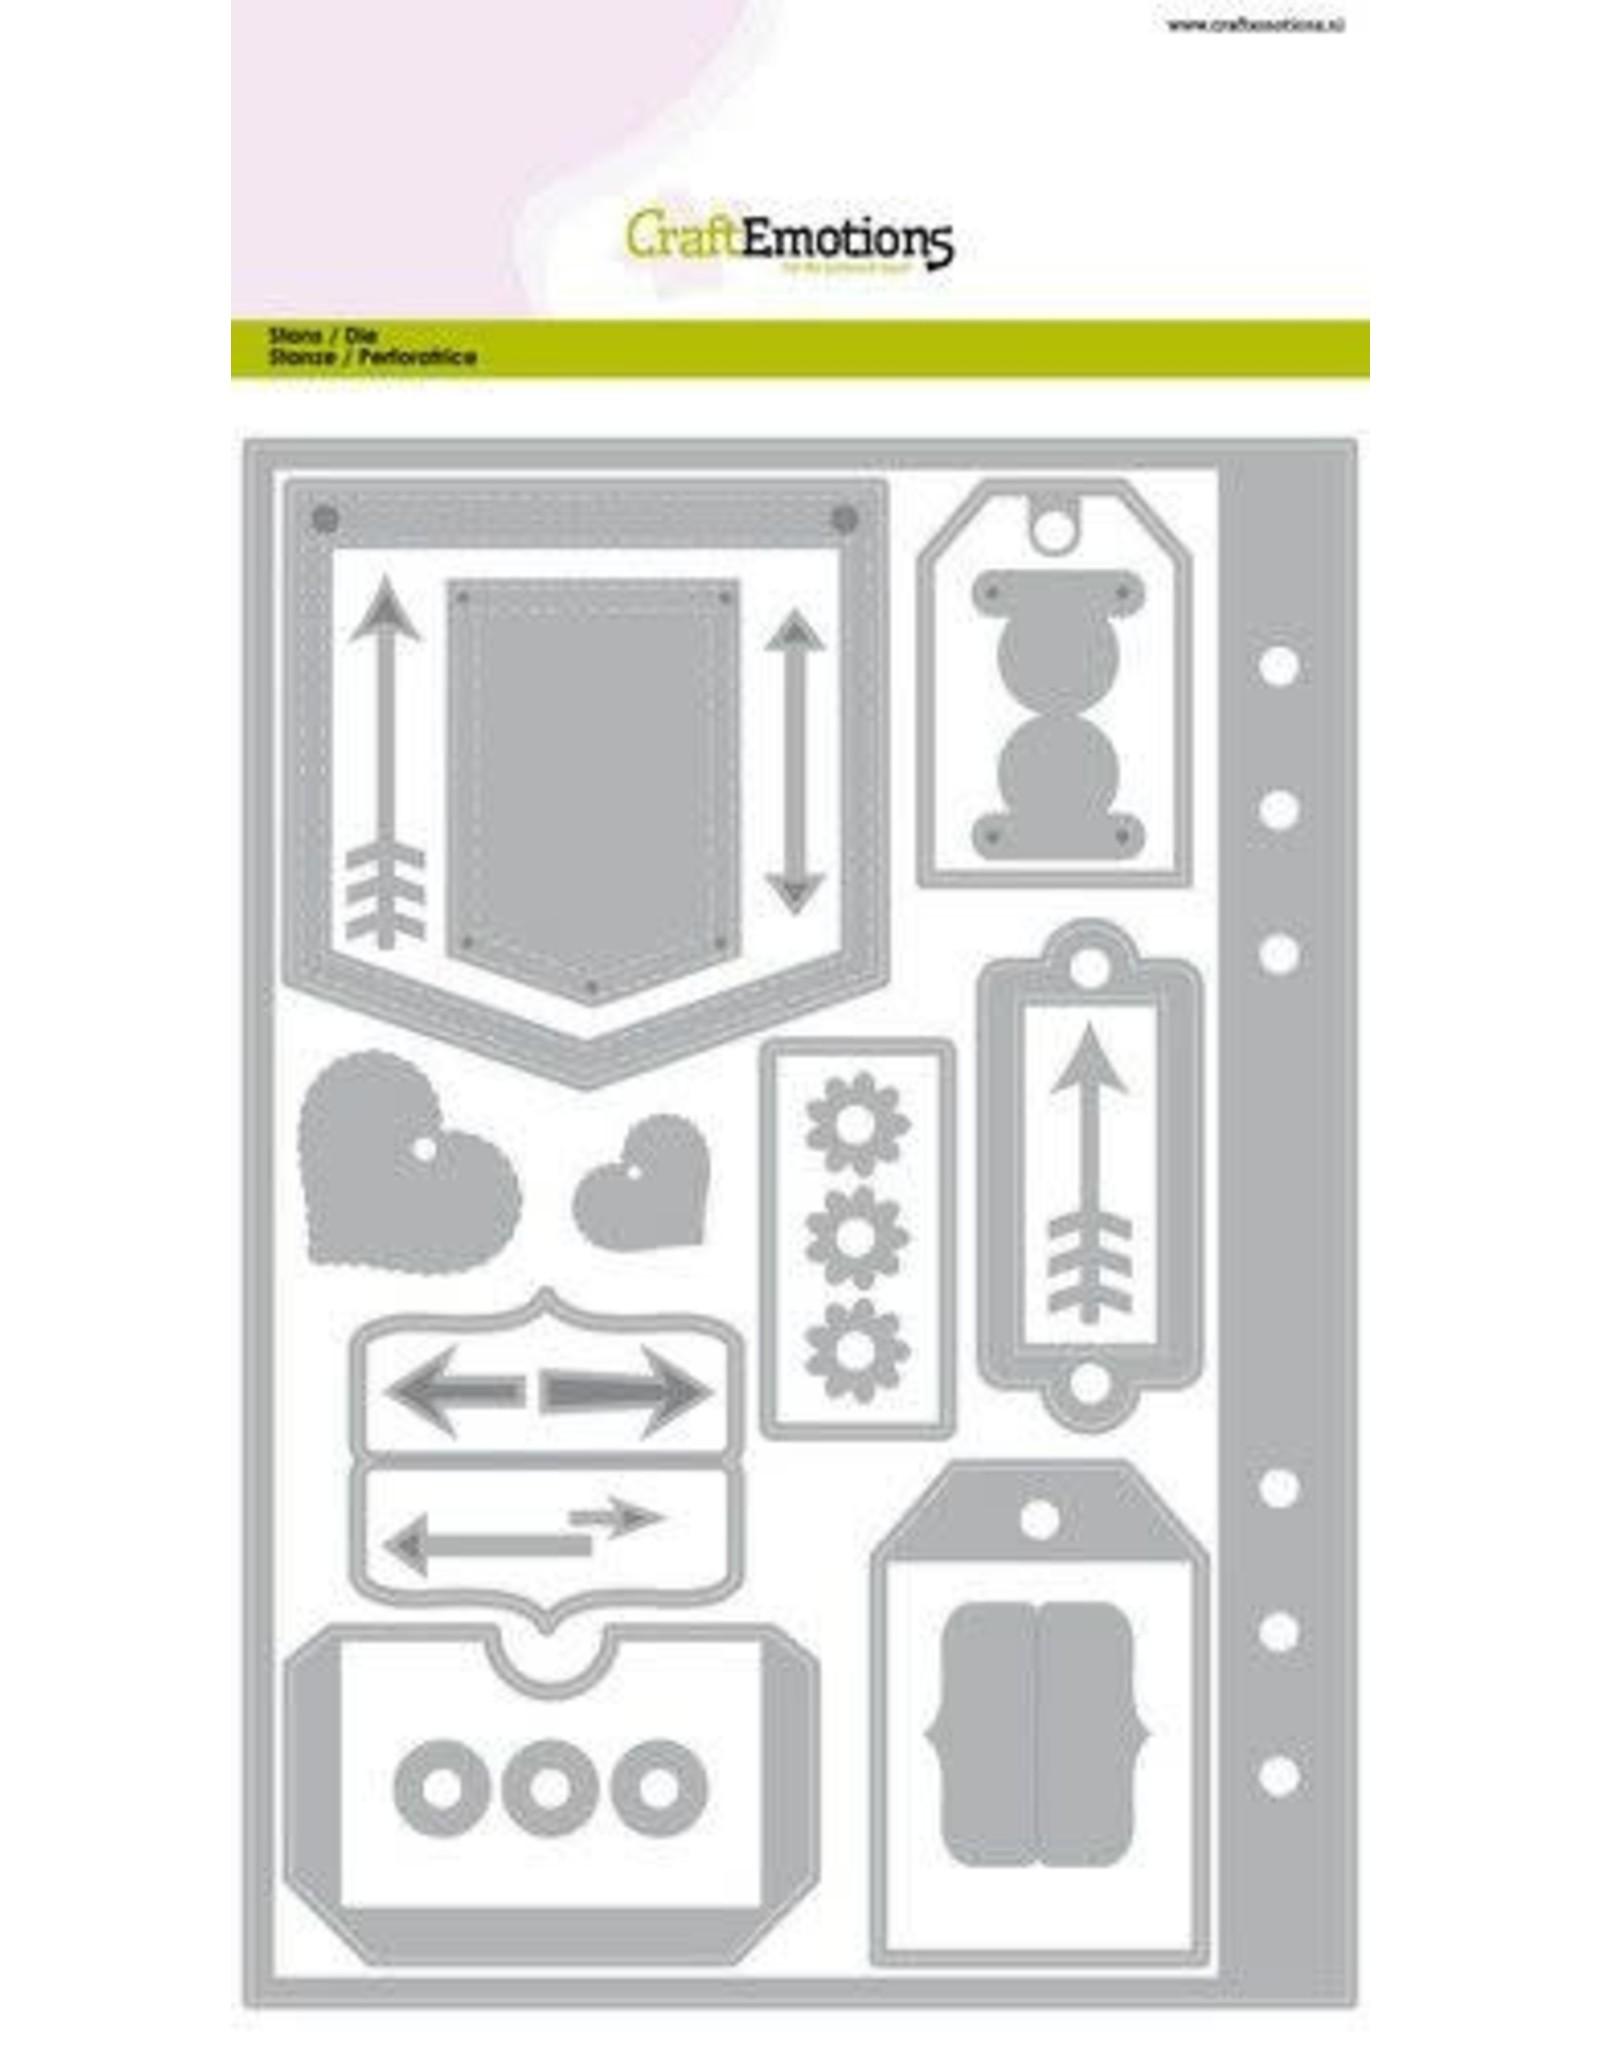 Craft Emotions CraftEmotions Die - Planner essentials 1 Card A5